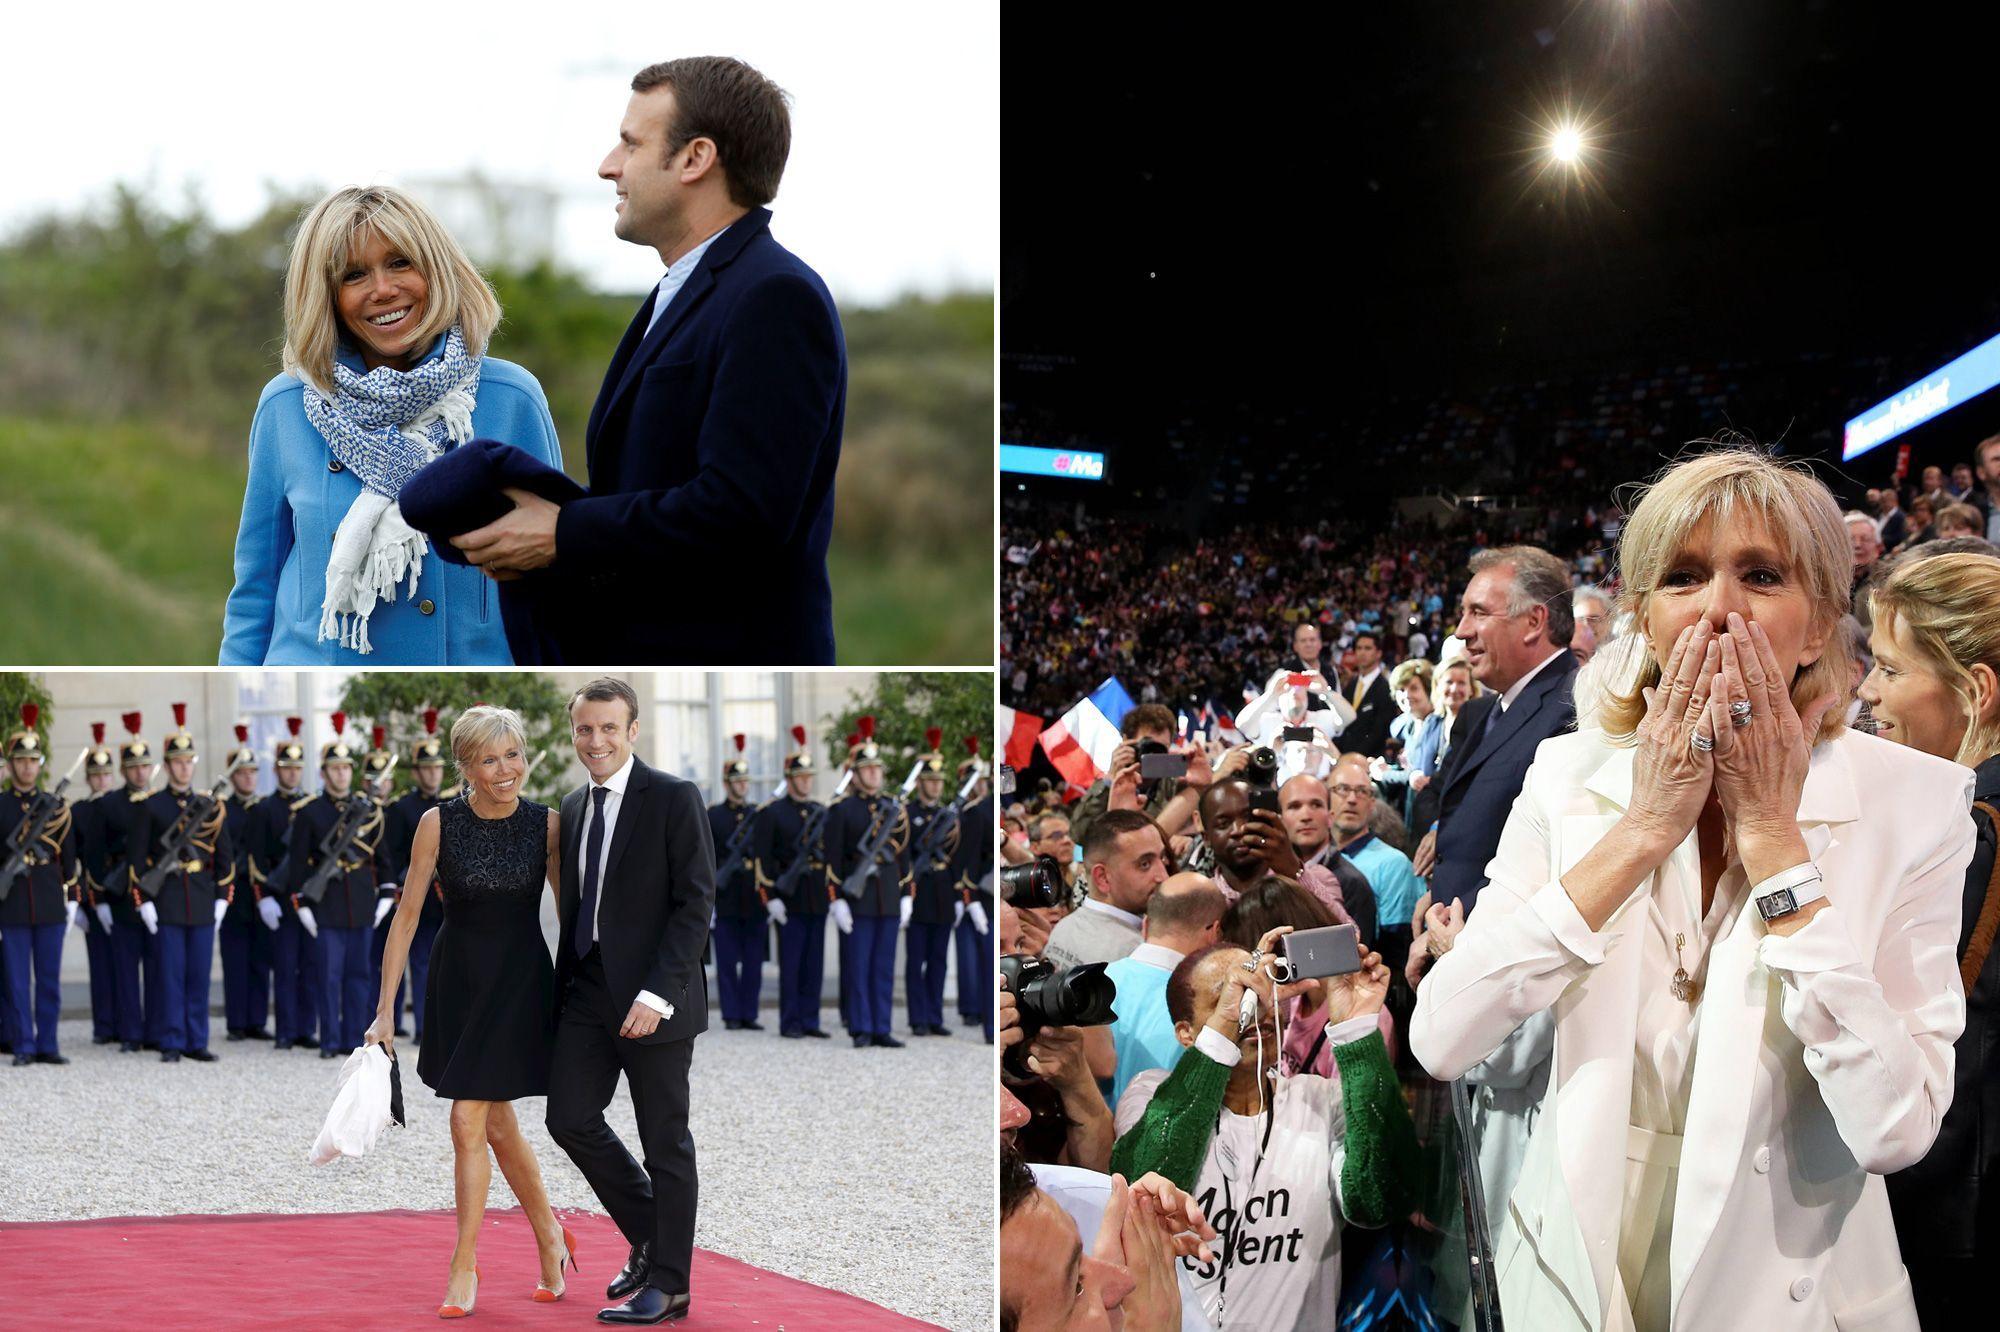 En Anecdotes Brigitte Macron En Quatre En Macron Quatre Macron Anecdotes Brigitte Brigitte 0mNn8yOvw